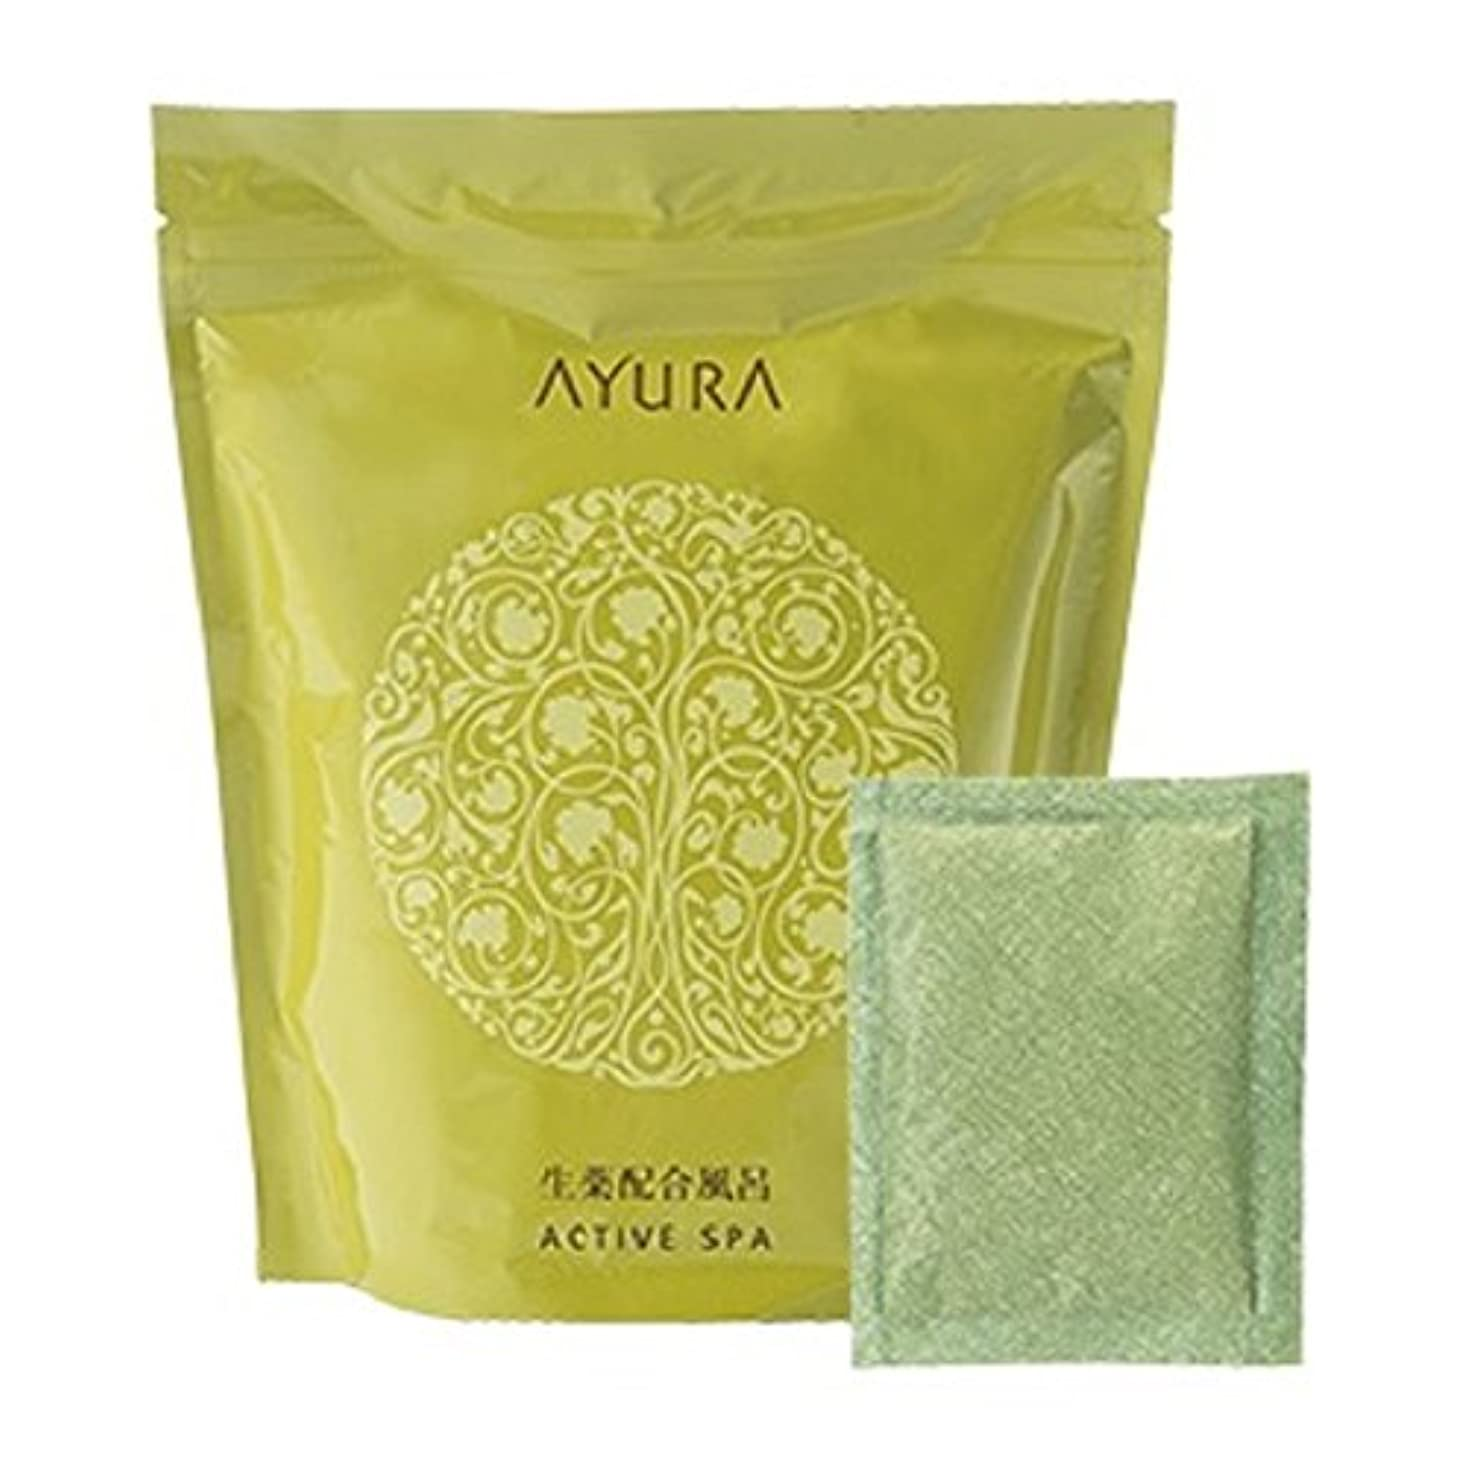 悲惨風邪をひく事アユーラ (AYURA) アクティブスパα 30g 10包入 (医薬部外品) 〈薬用 入浴剤〉